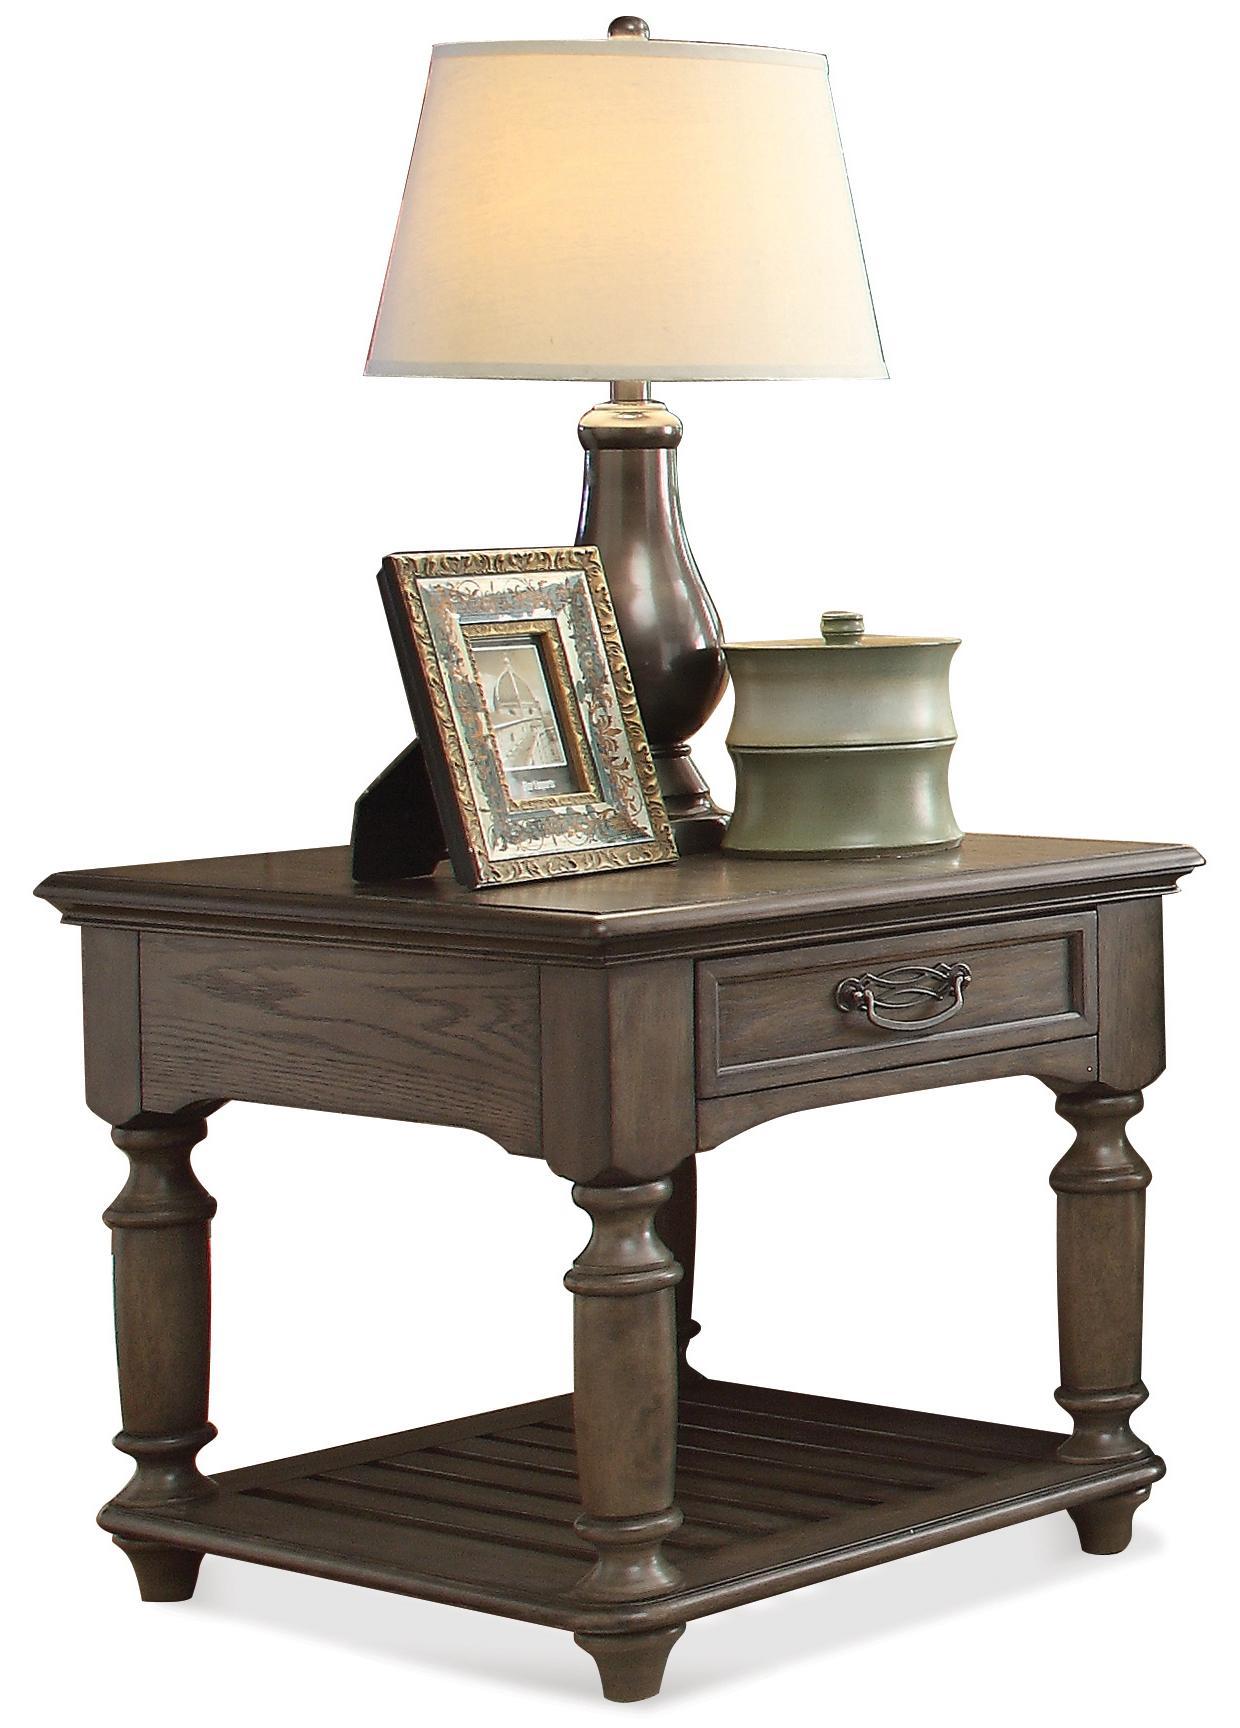 Riverside Furniture Belmeade Rectangular End Table - Item Number: 15809